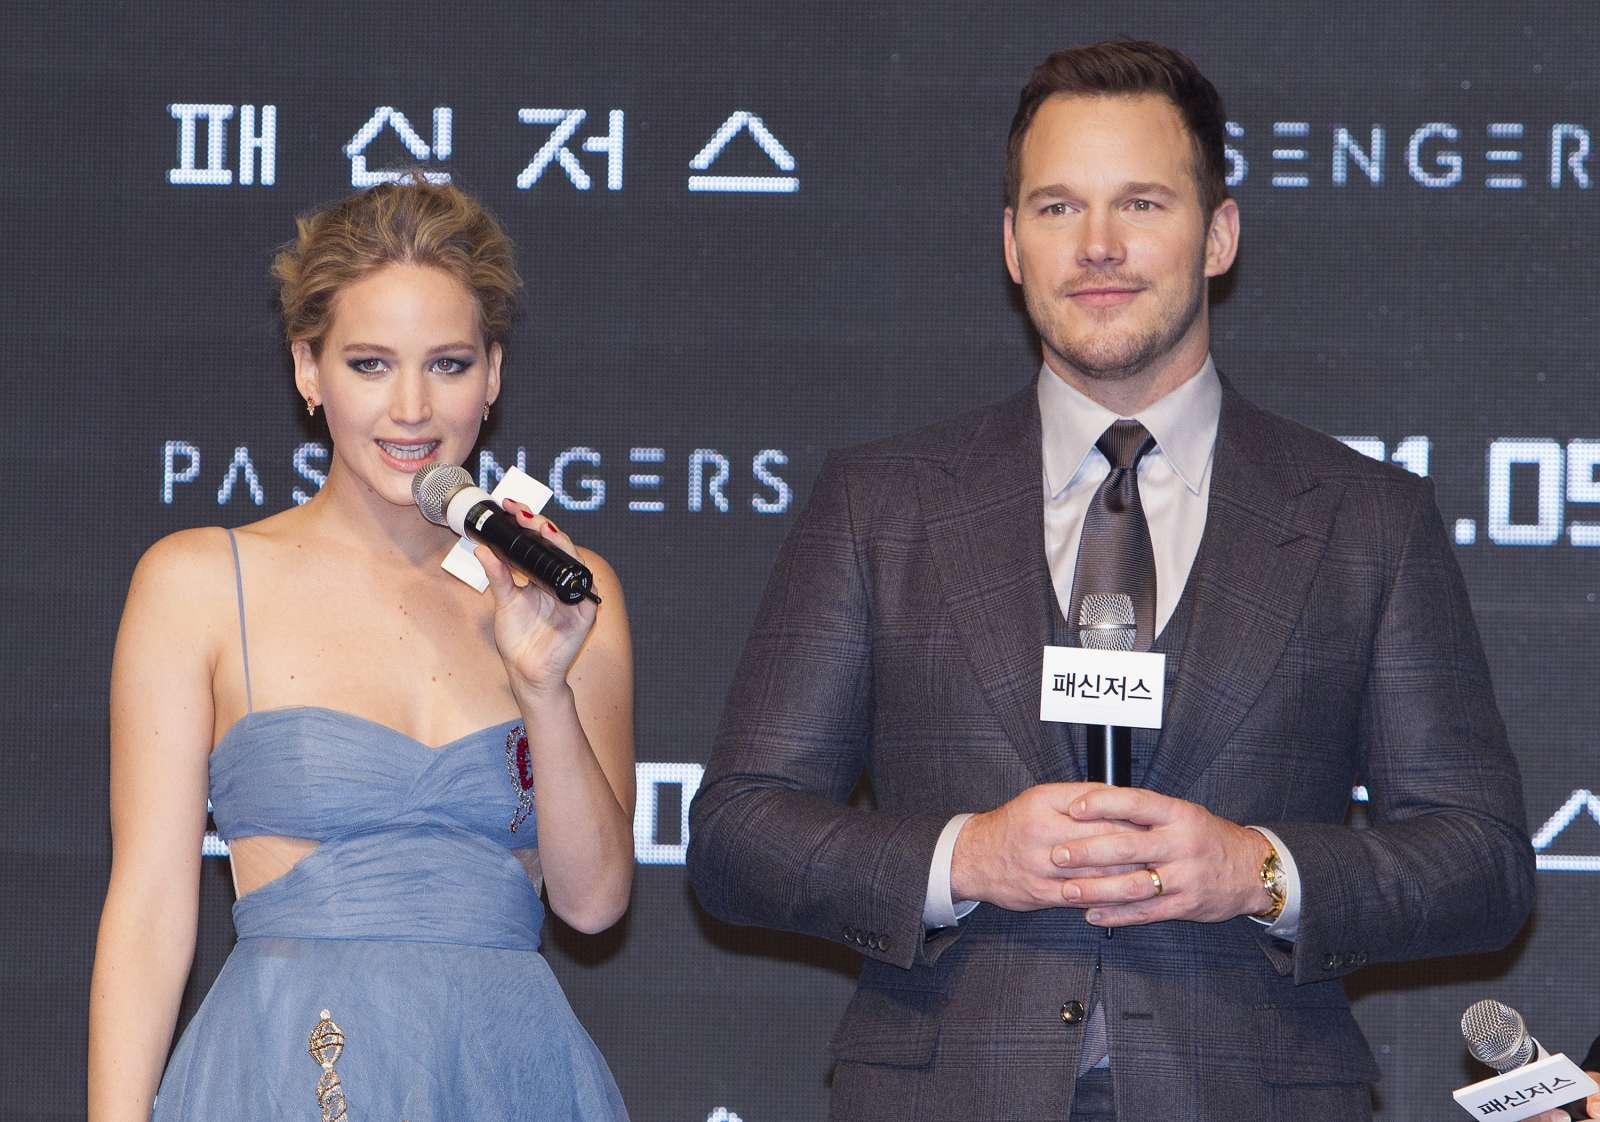 Jennifer Lawrence 2016 : Jennifer Lawrence: Passengers Premiere in Seoul -02